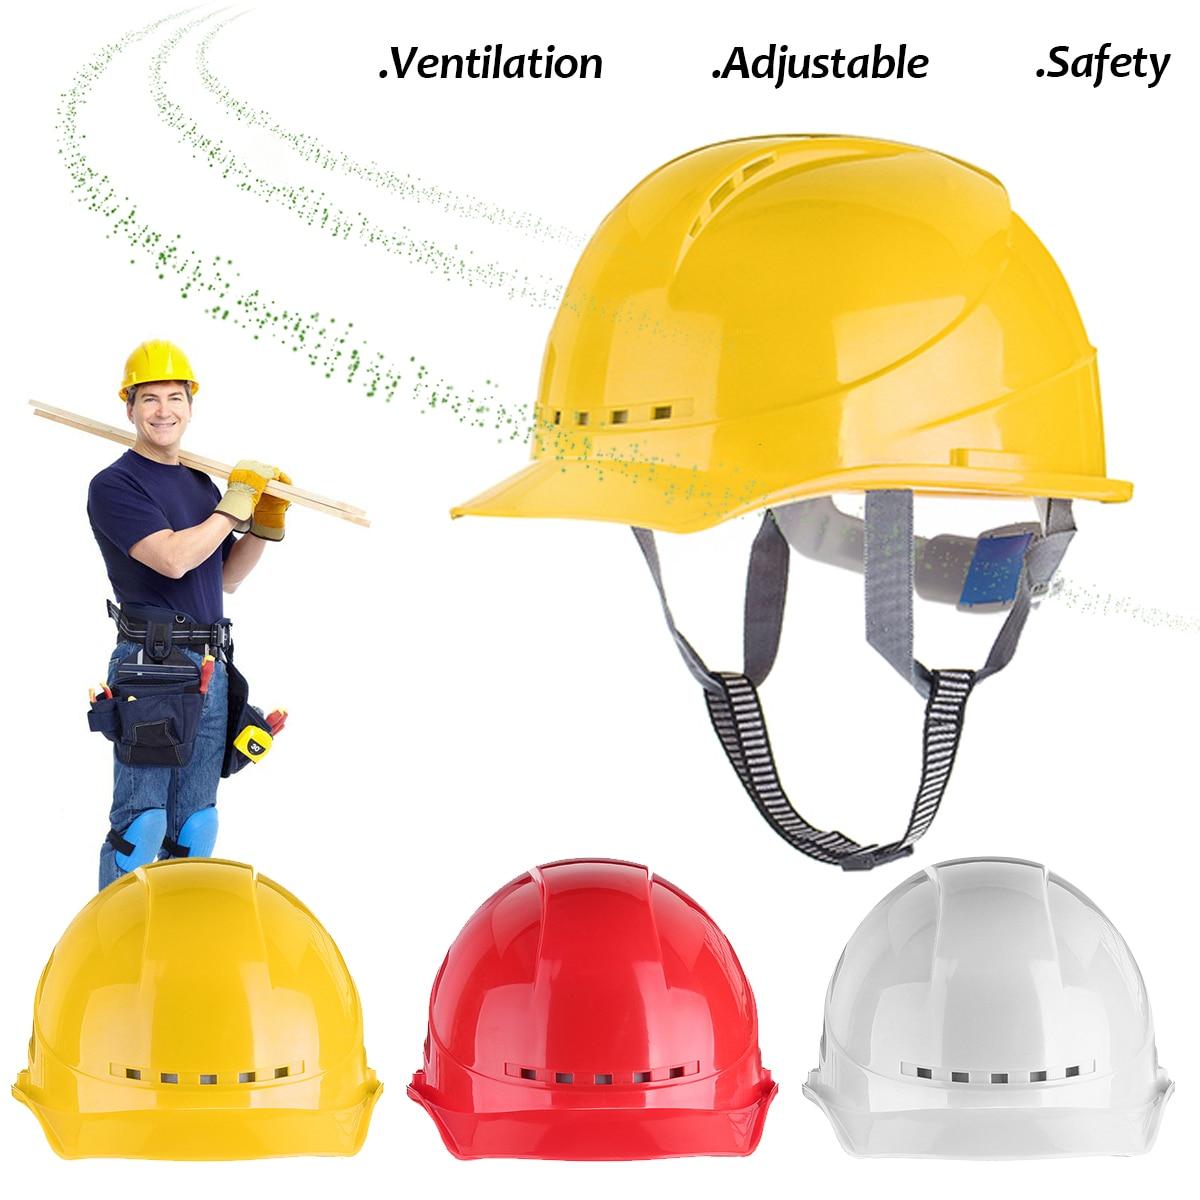 Schutzhelm Abs Sicherheit Helme Hard Hats Bauprojekte Protector Breite Krempe Hut Arbeit Kappe Material Schutzhelm Atmungs Engineering Wir Nehmen Kunden Als Unsere GöTter